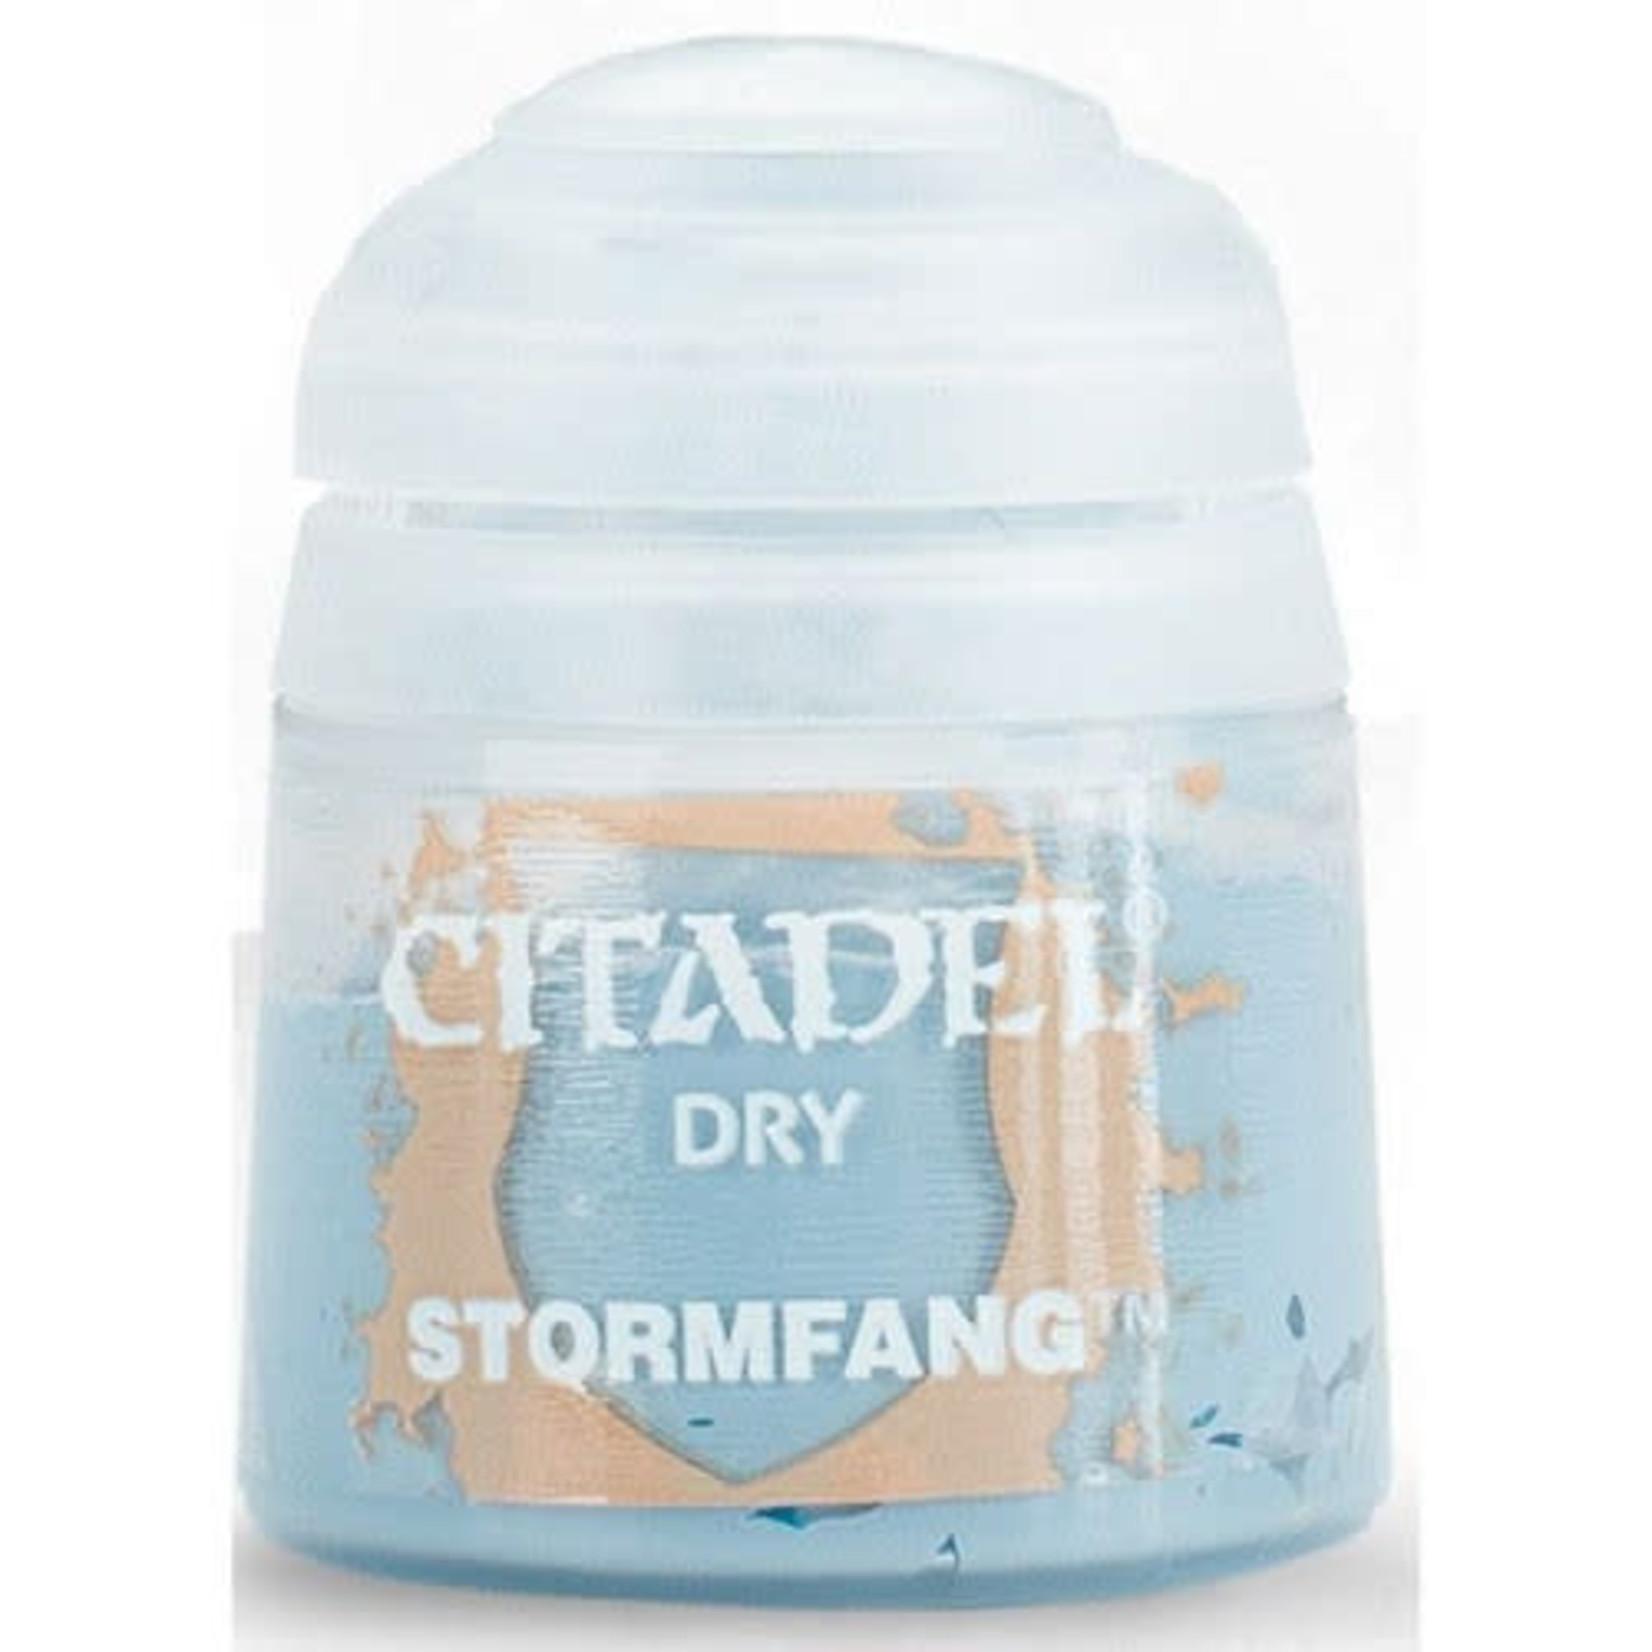 Games Workshop Citadel Paint: Stormfang Dry 12ml